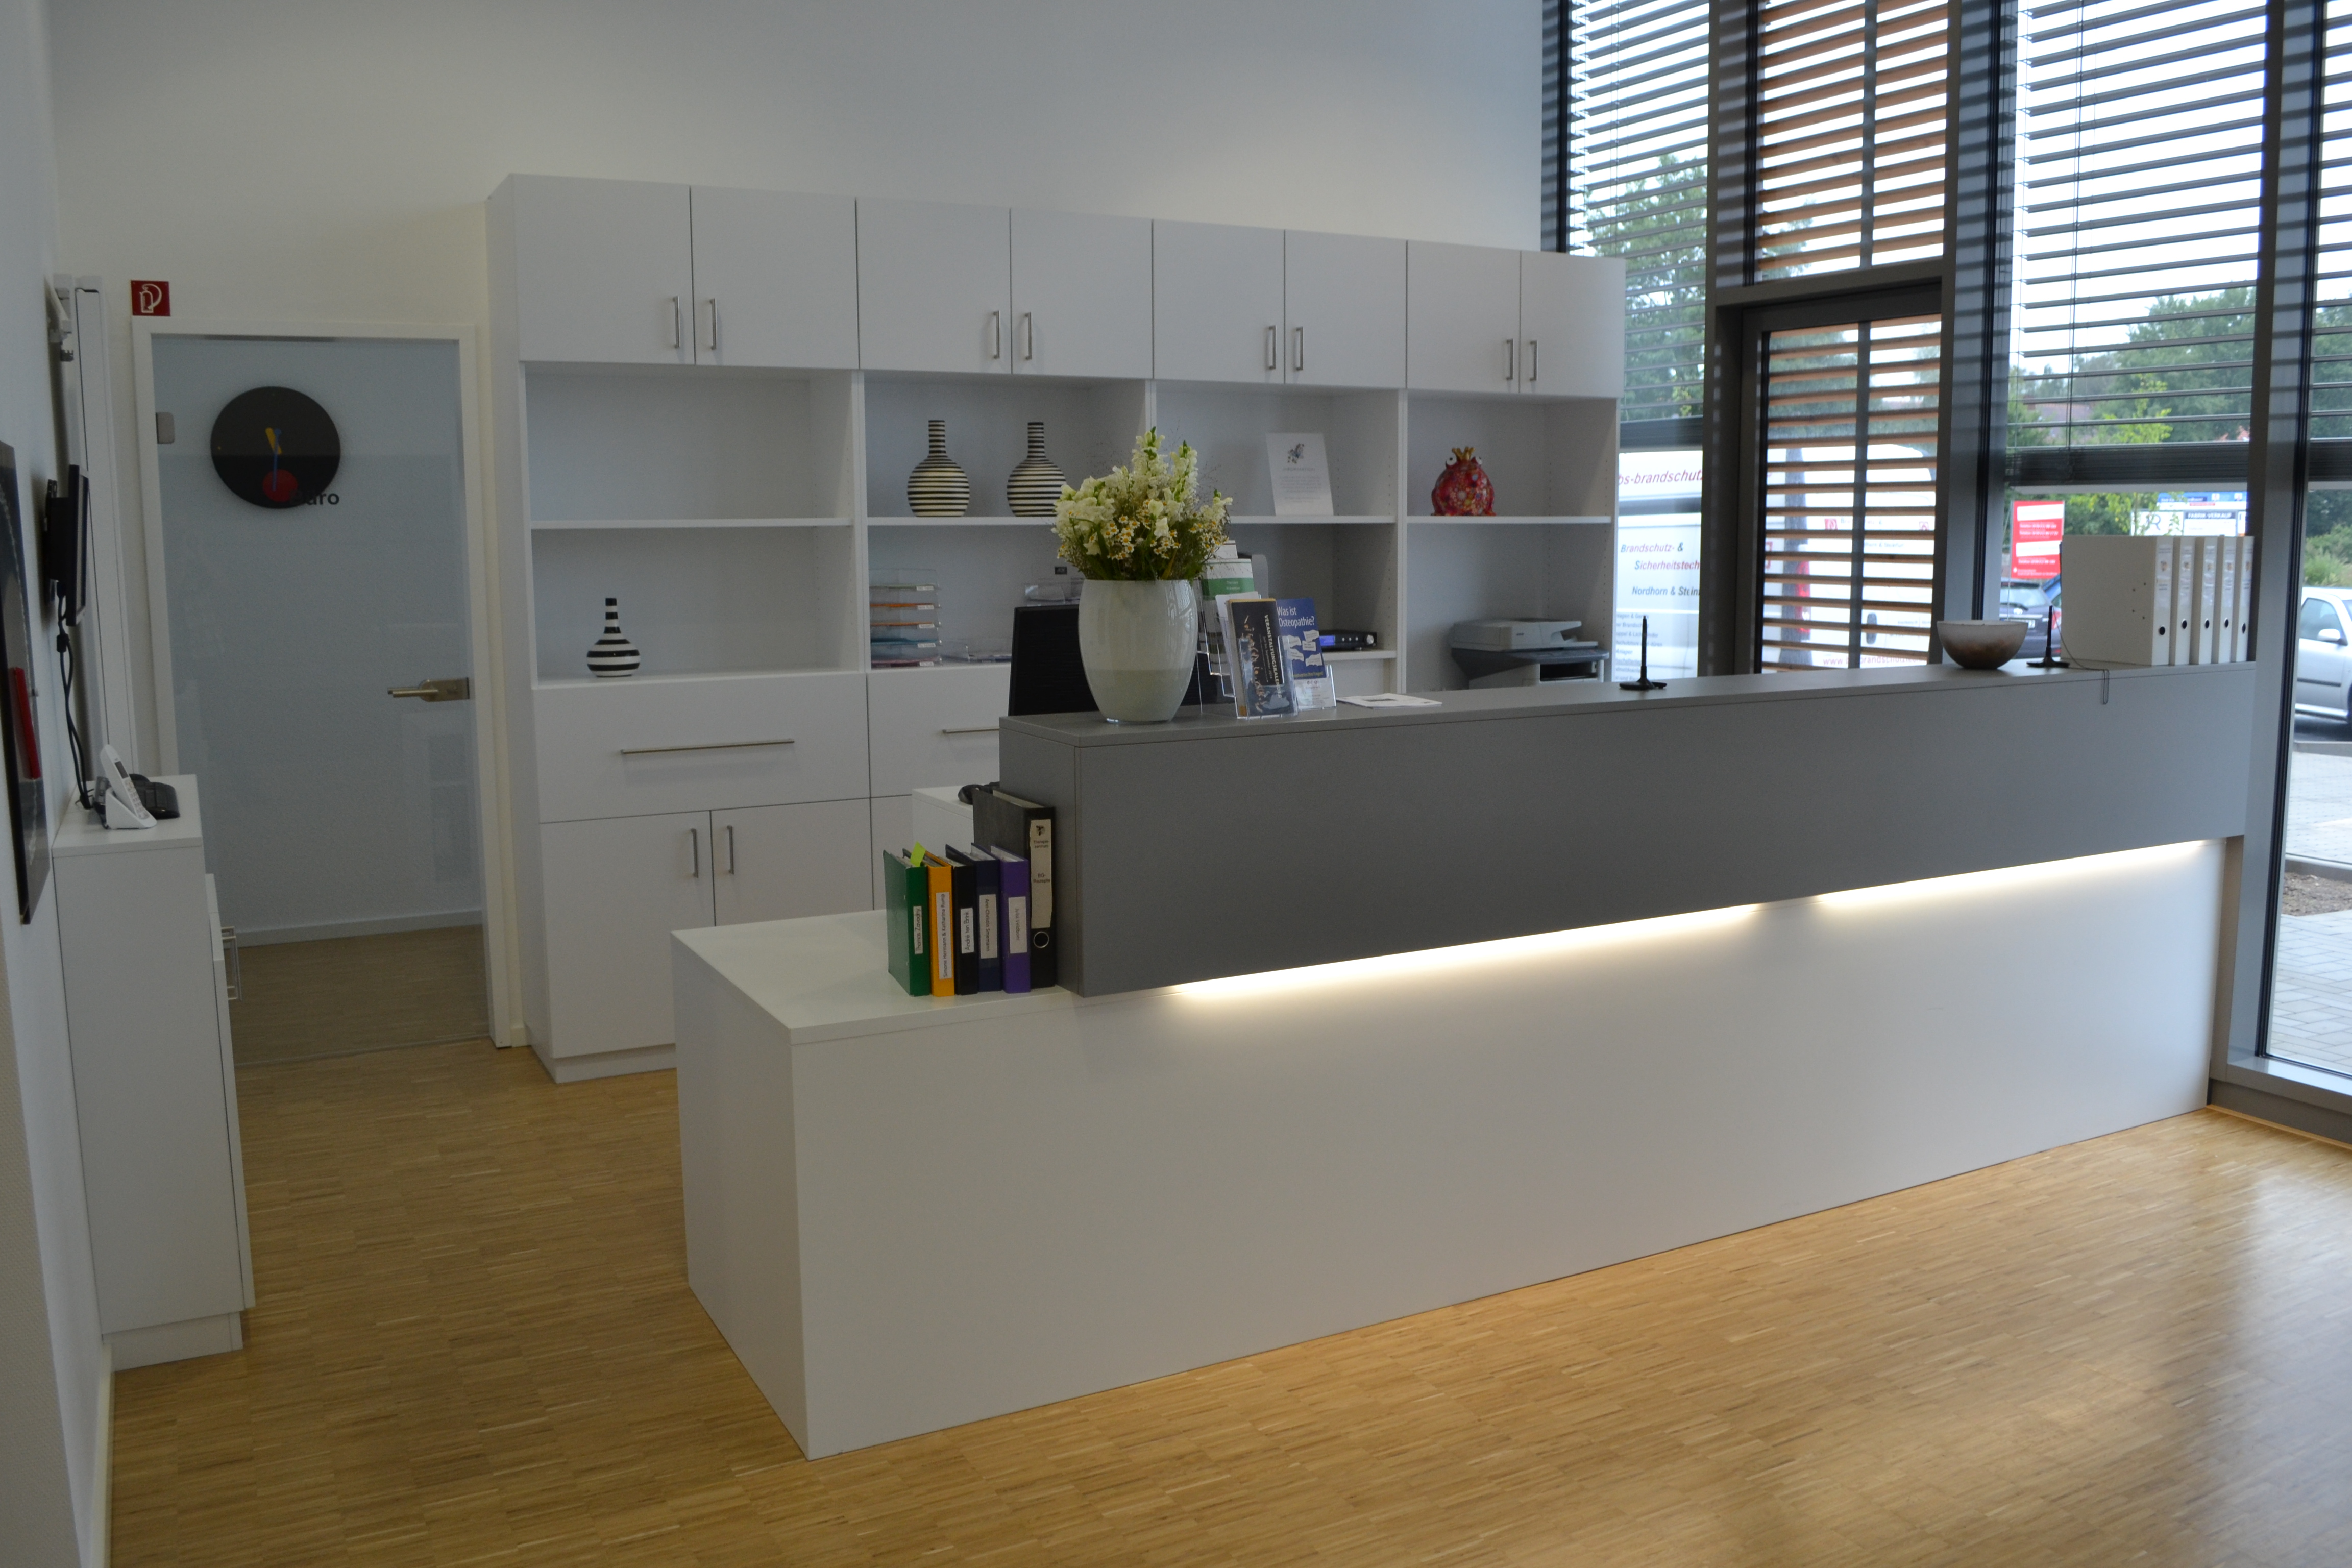 Empfangstresen Rehazentrum Hermann in Nordhorn1